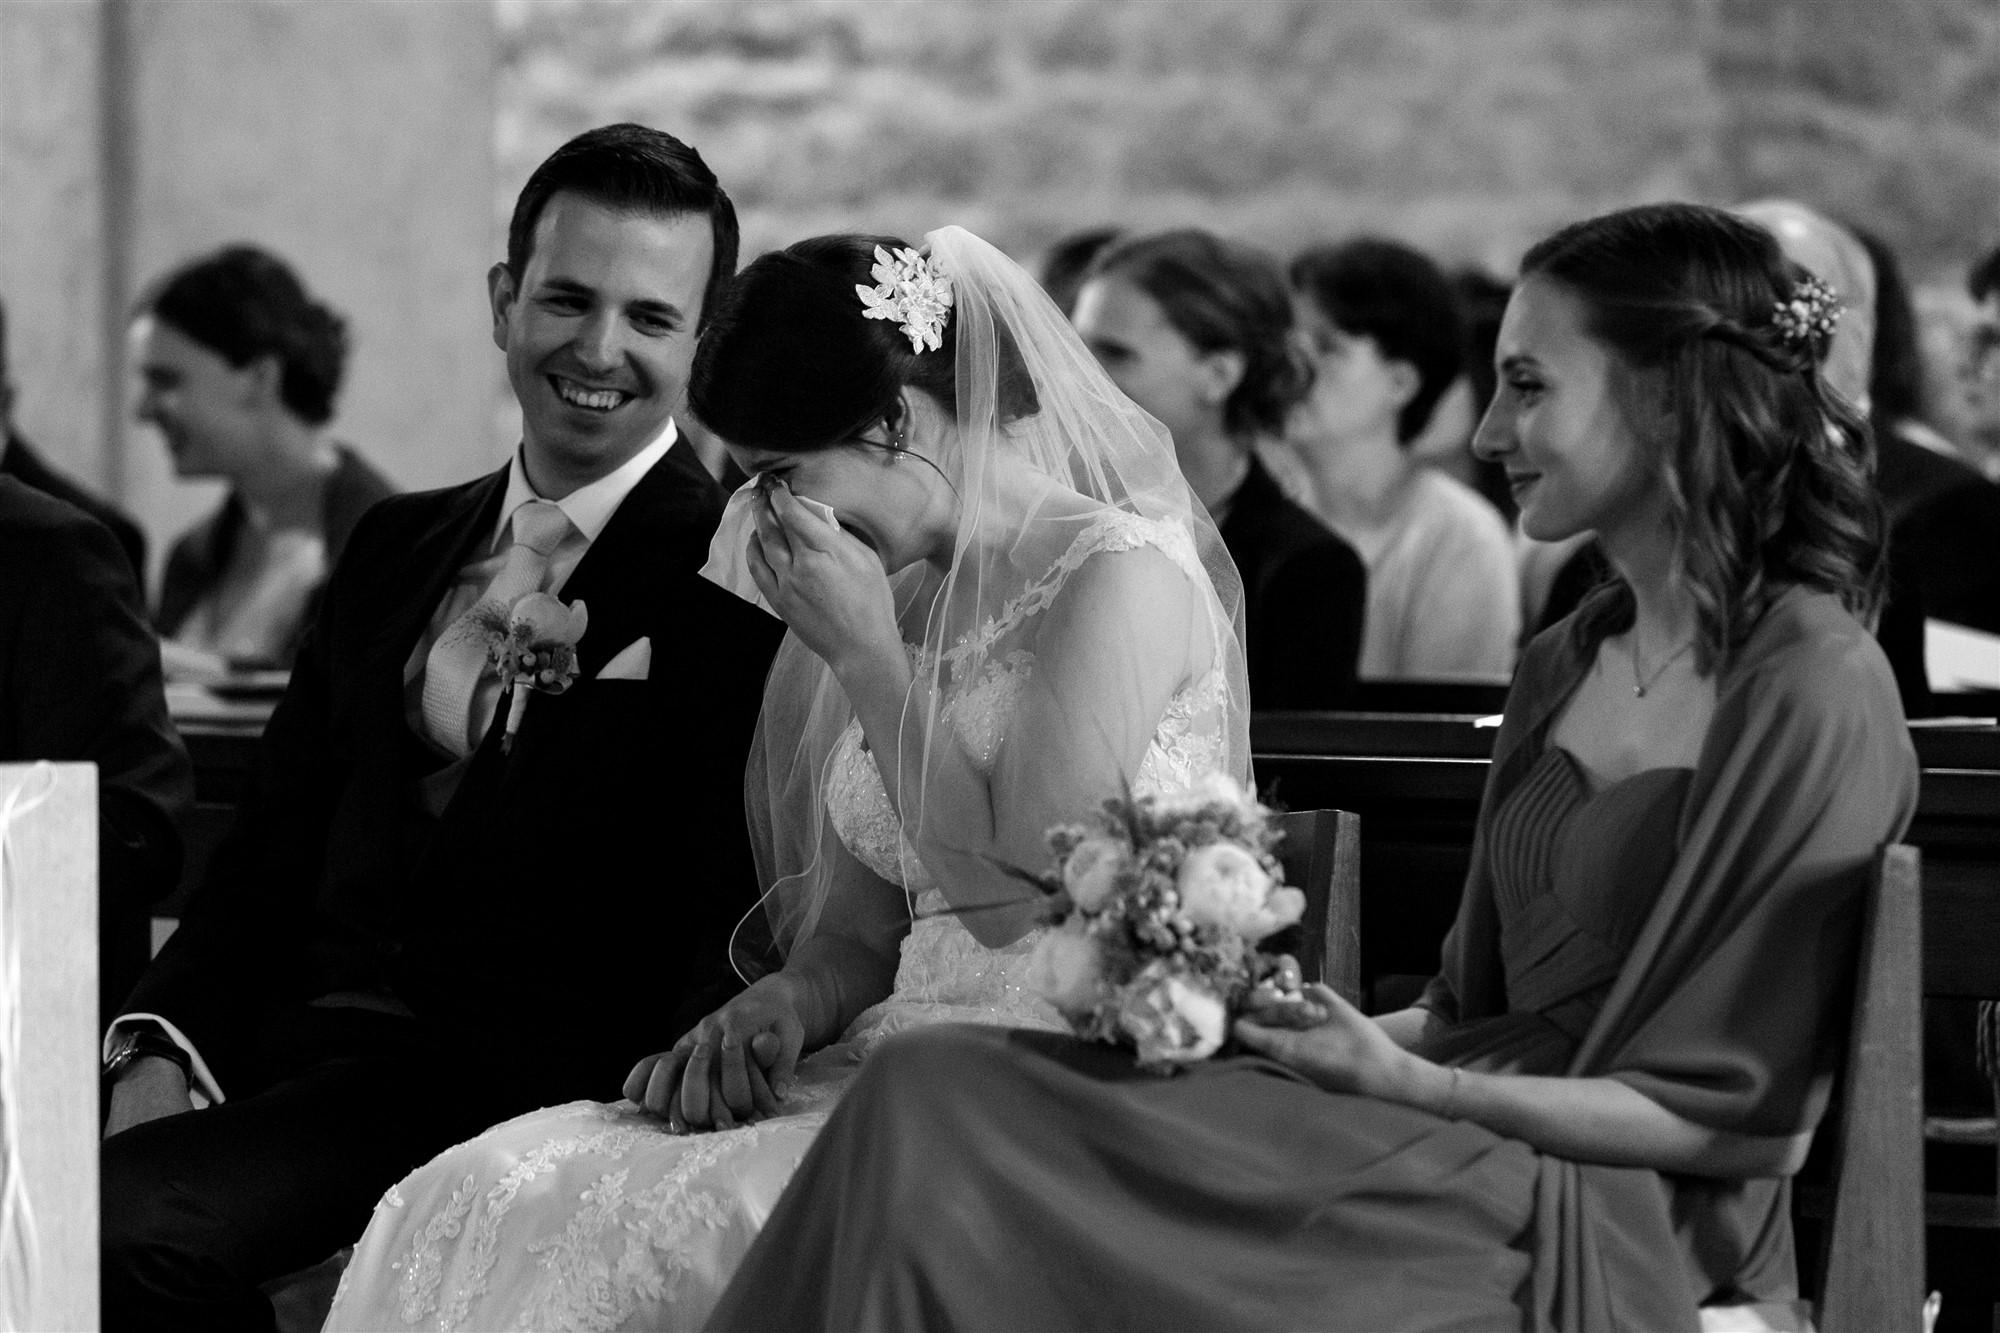 Das Brautpaar während der Zeremonie in der Kirche in Oberwil - Die Braut weint